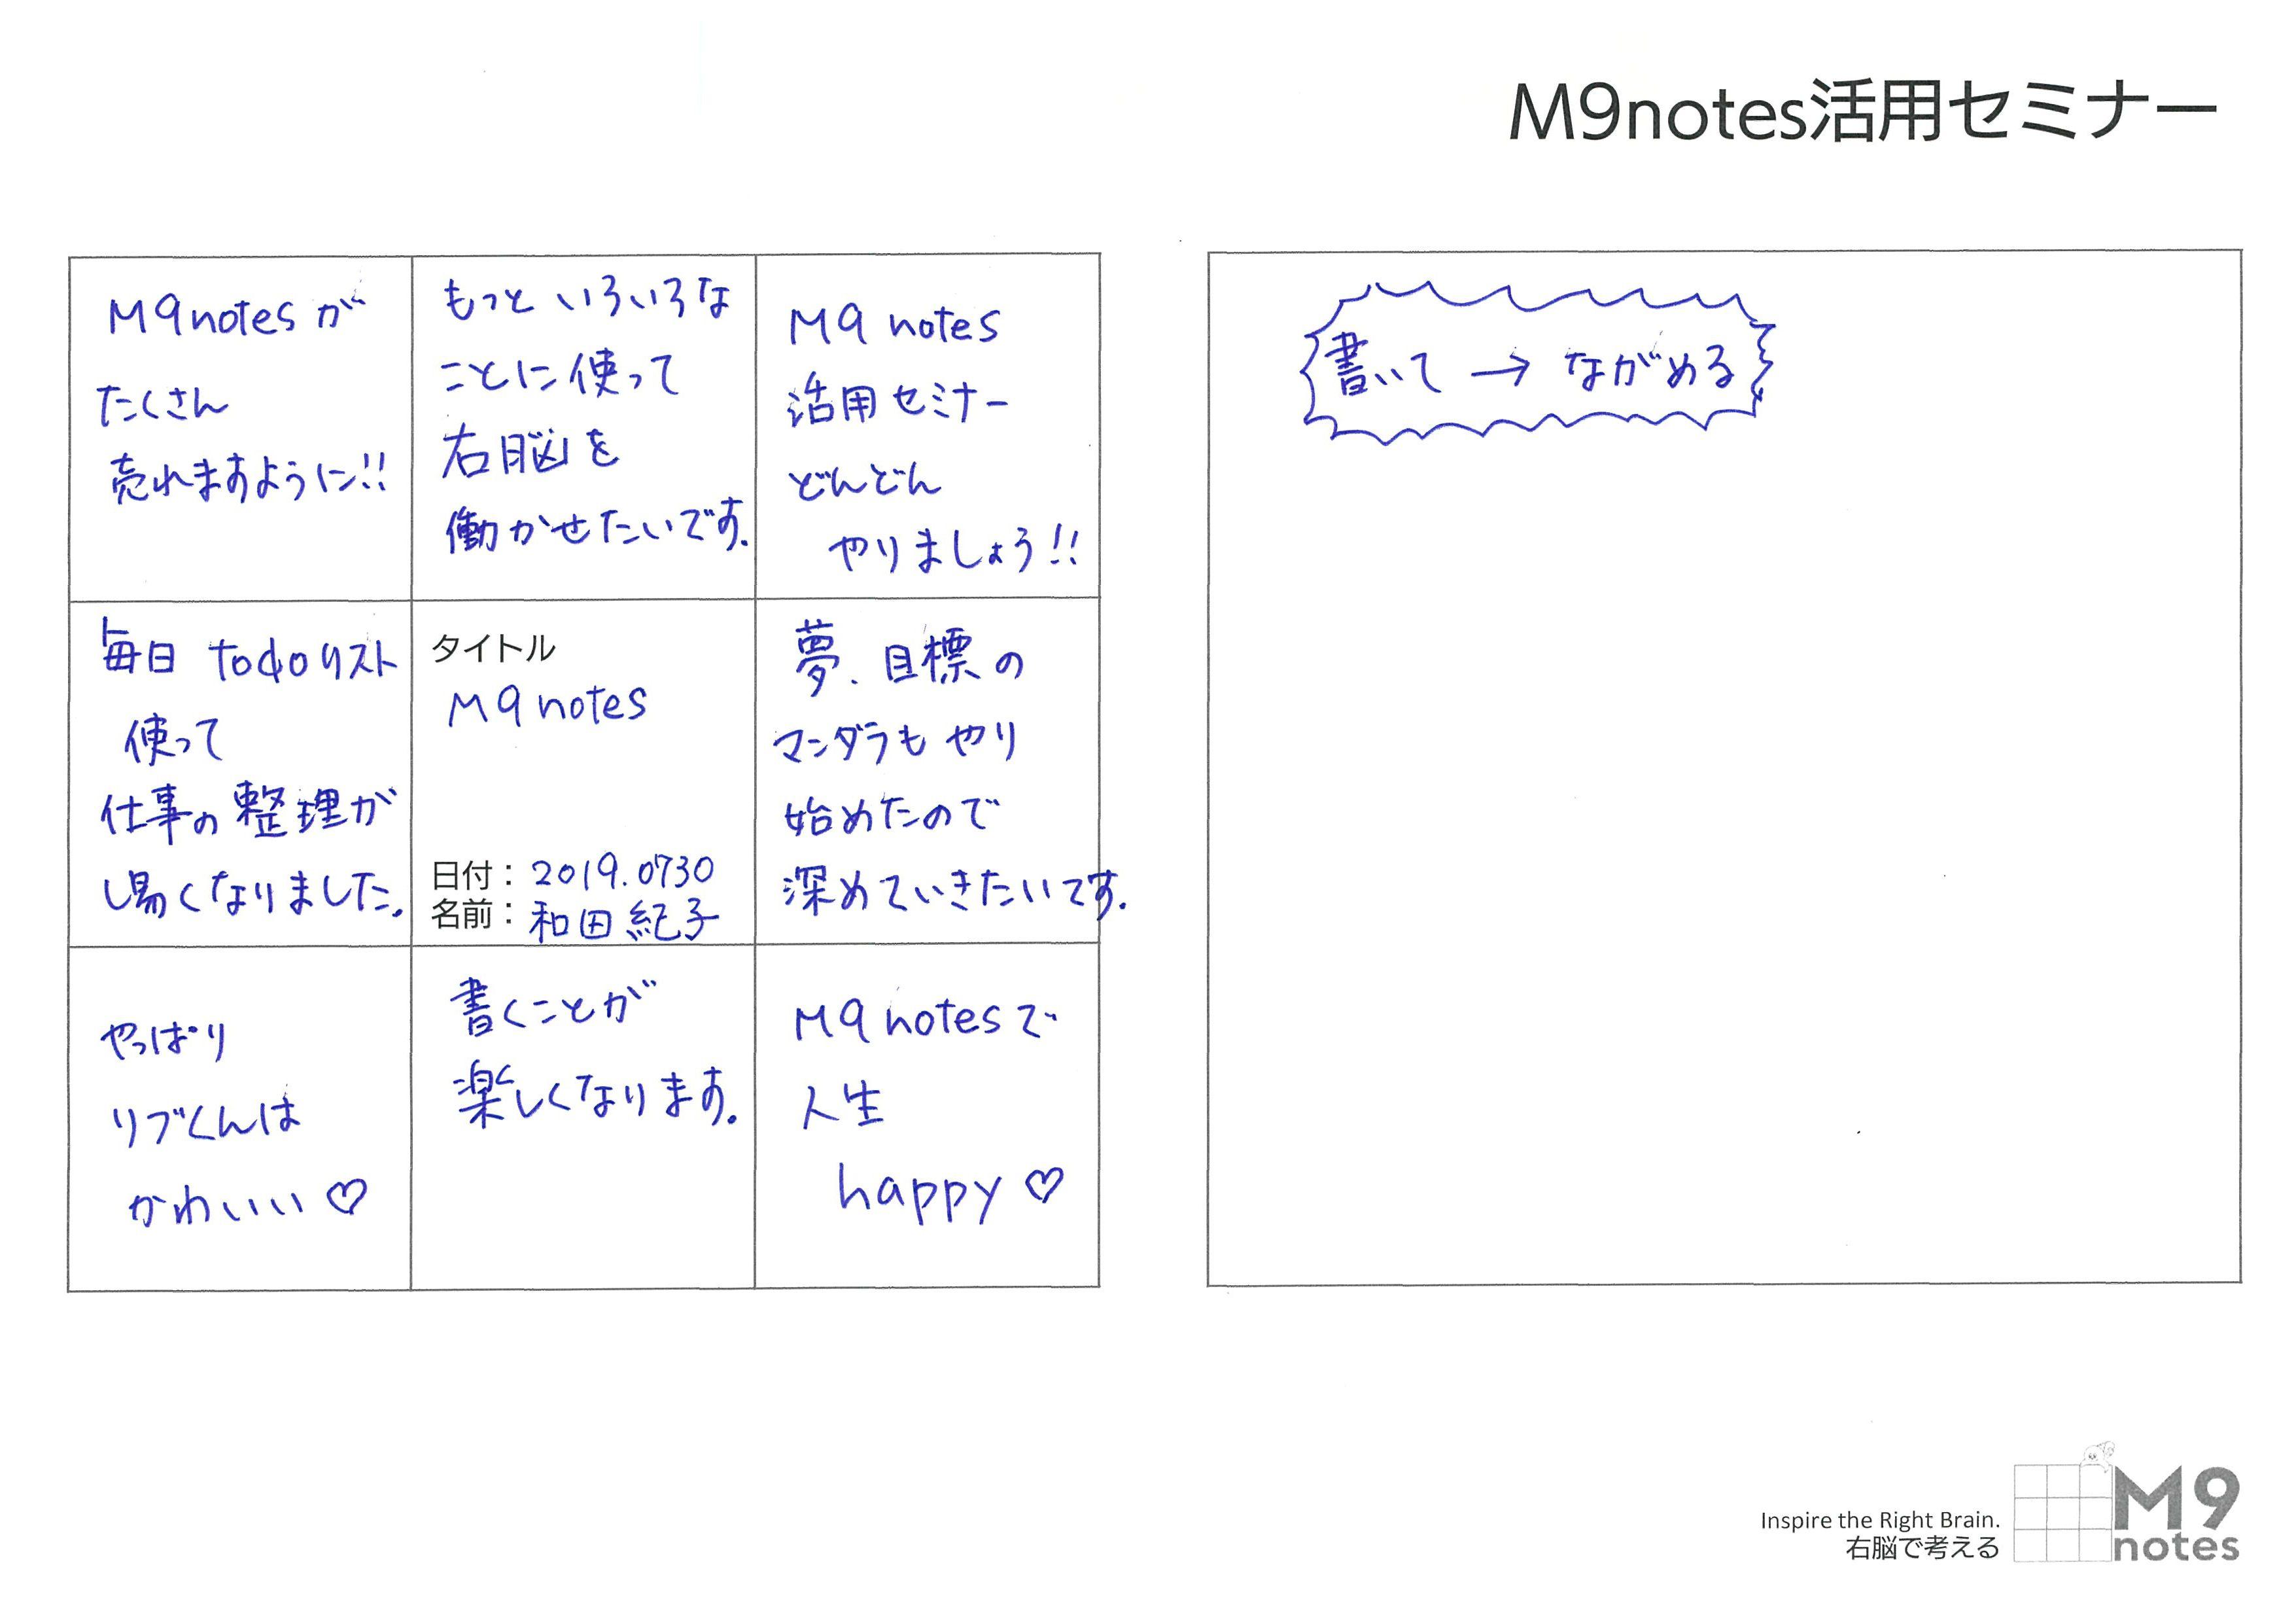 2019.0730 活用セミナー感想文 和田紀子さん